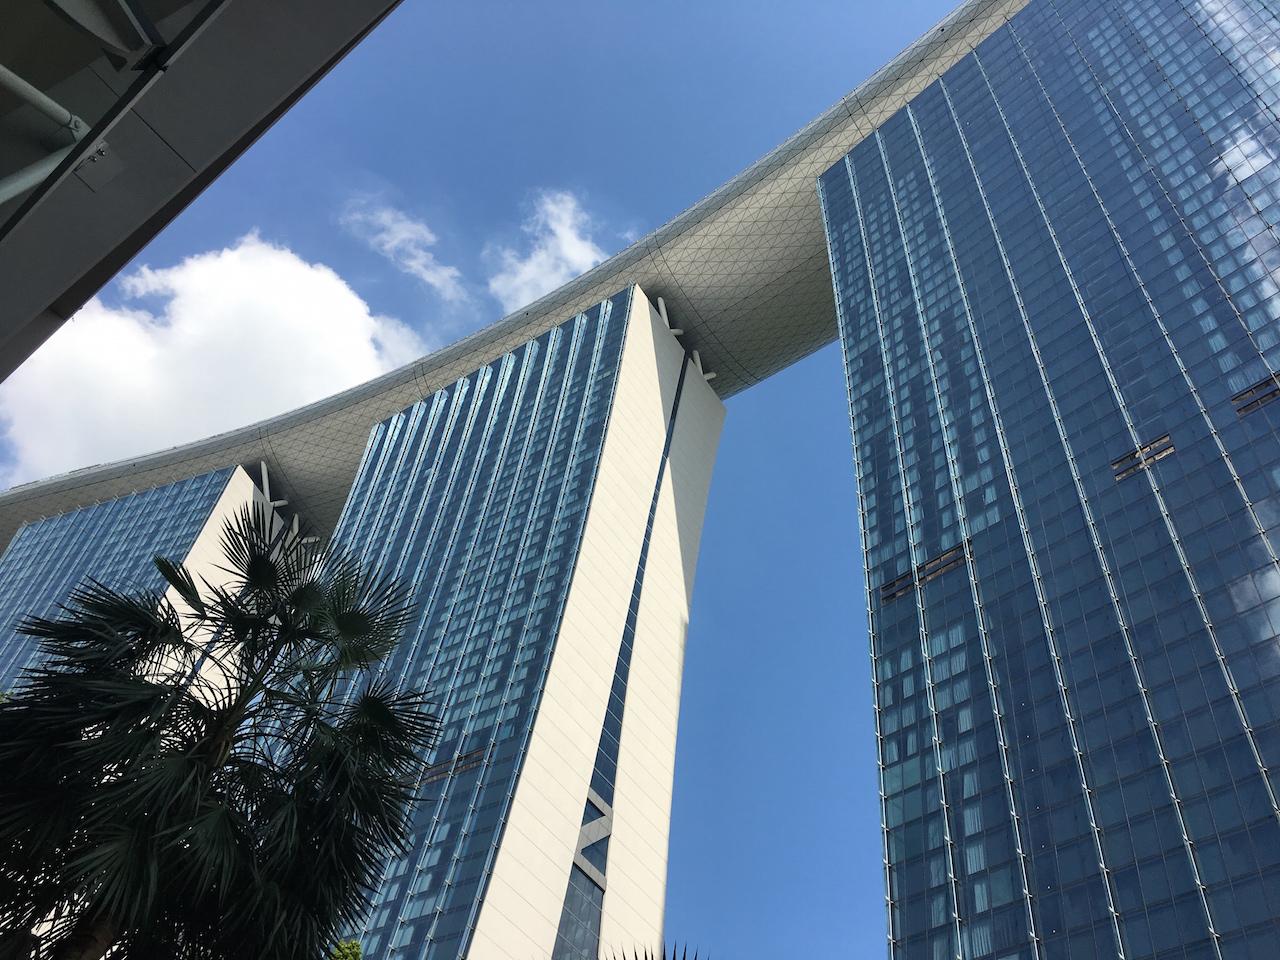 バックパッカーがシンガポールで1日に使った費用は?【19日目カジノに行く】